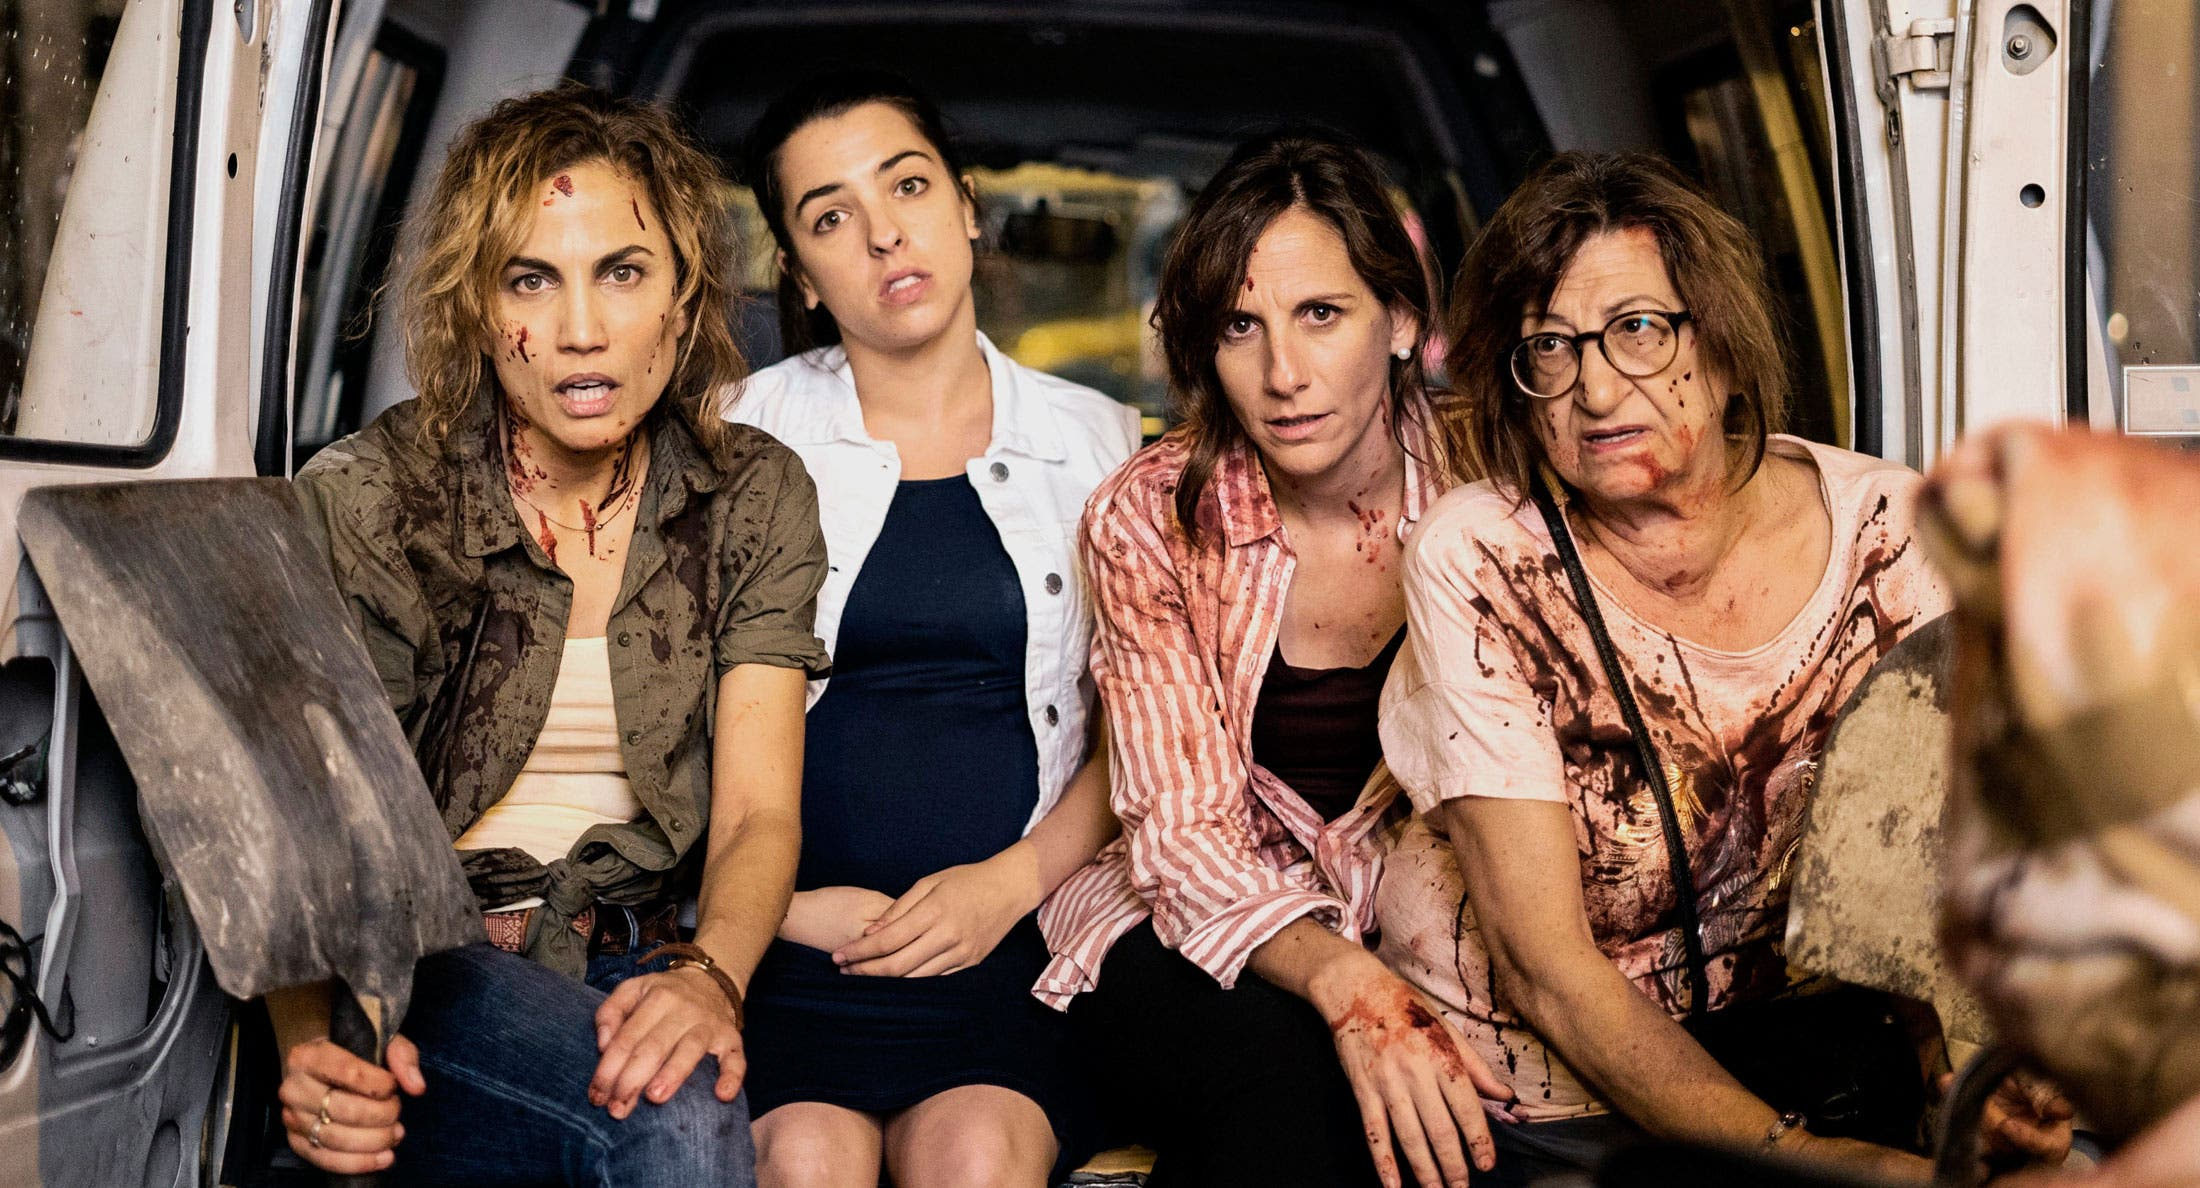 Los VIP de Masterchef Celebrity se 'meriendan' a las 'Mujeres del hAMPA' de Telecinco que anotan un pobre 6.9%